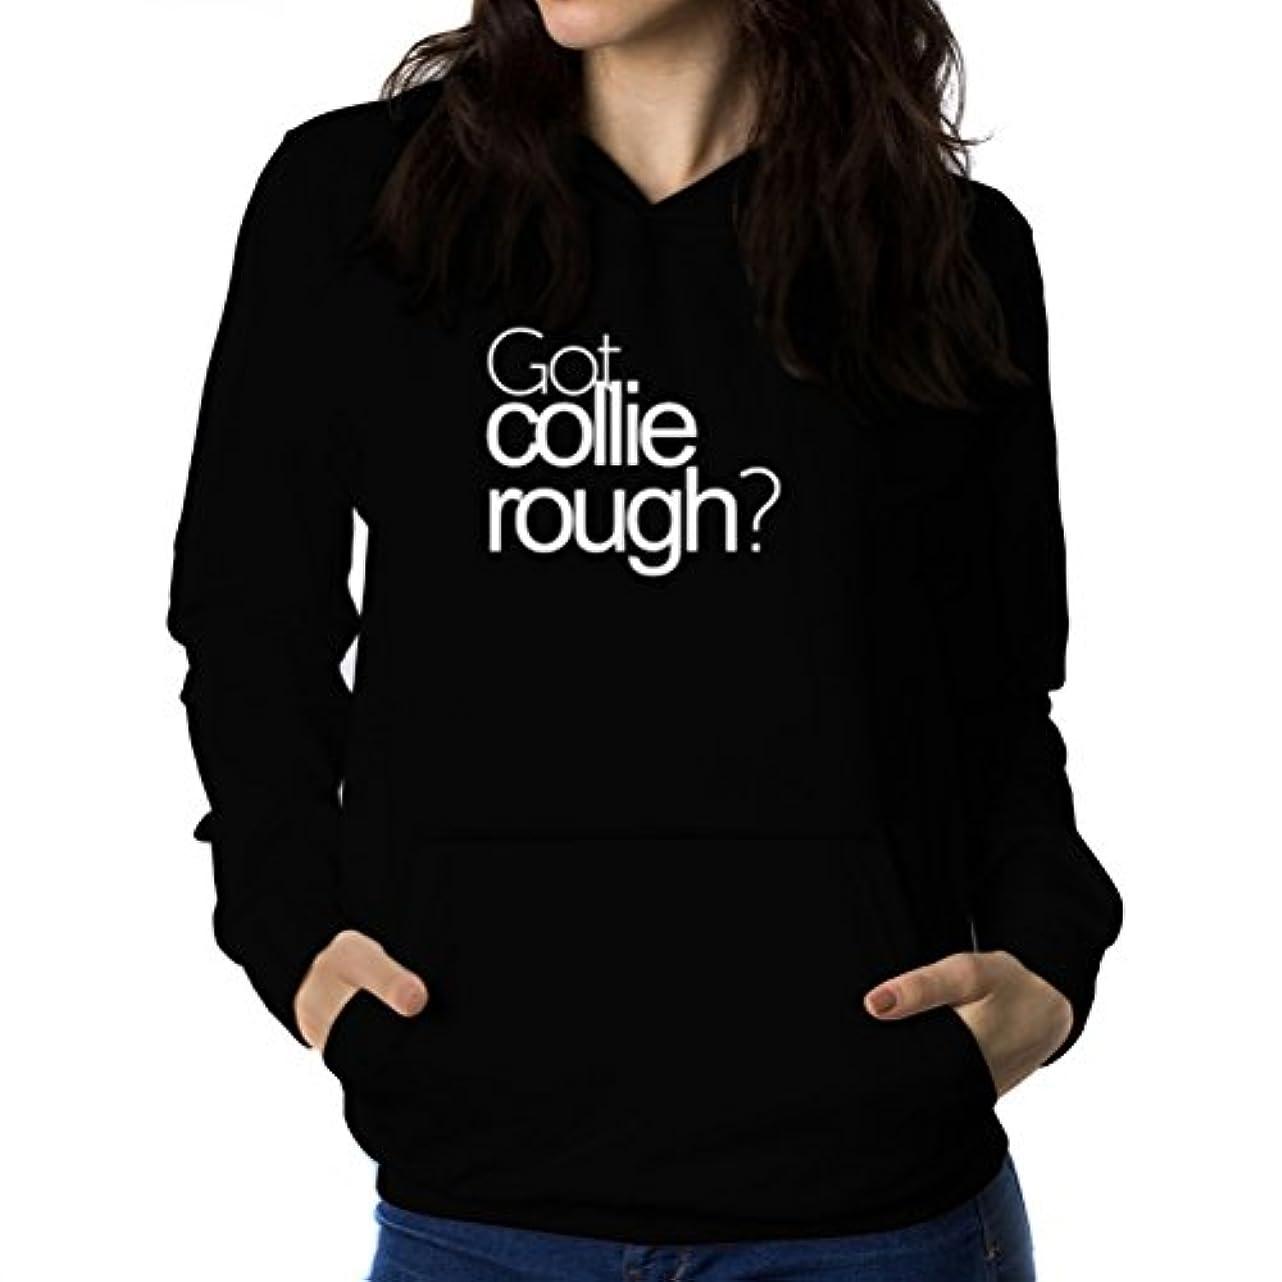 暴露するペースト誘導Got Collie Rough? 女性 フーディー